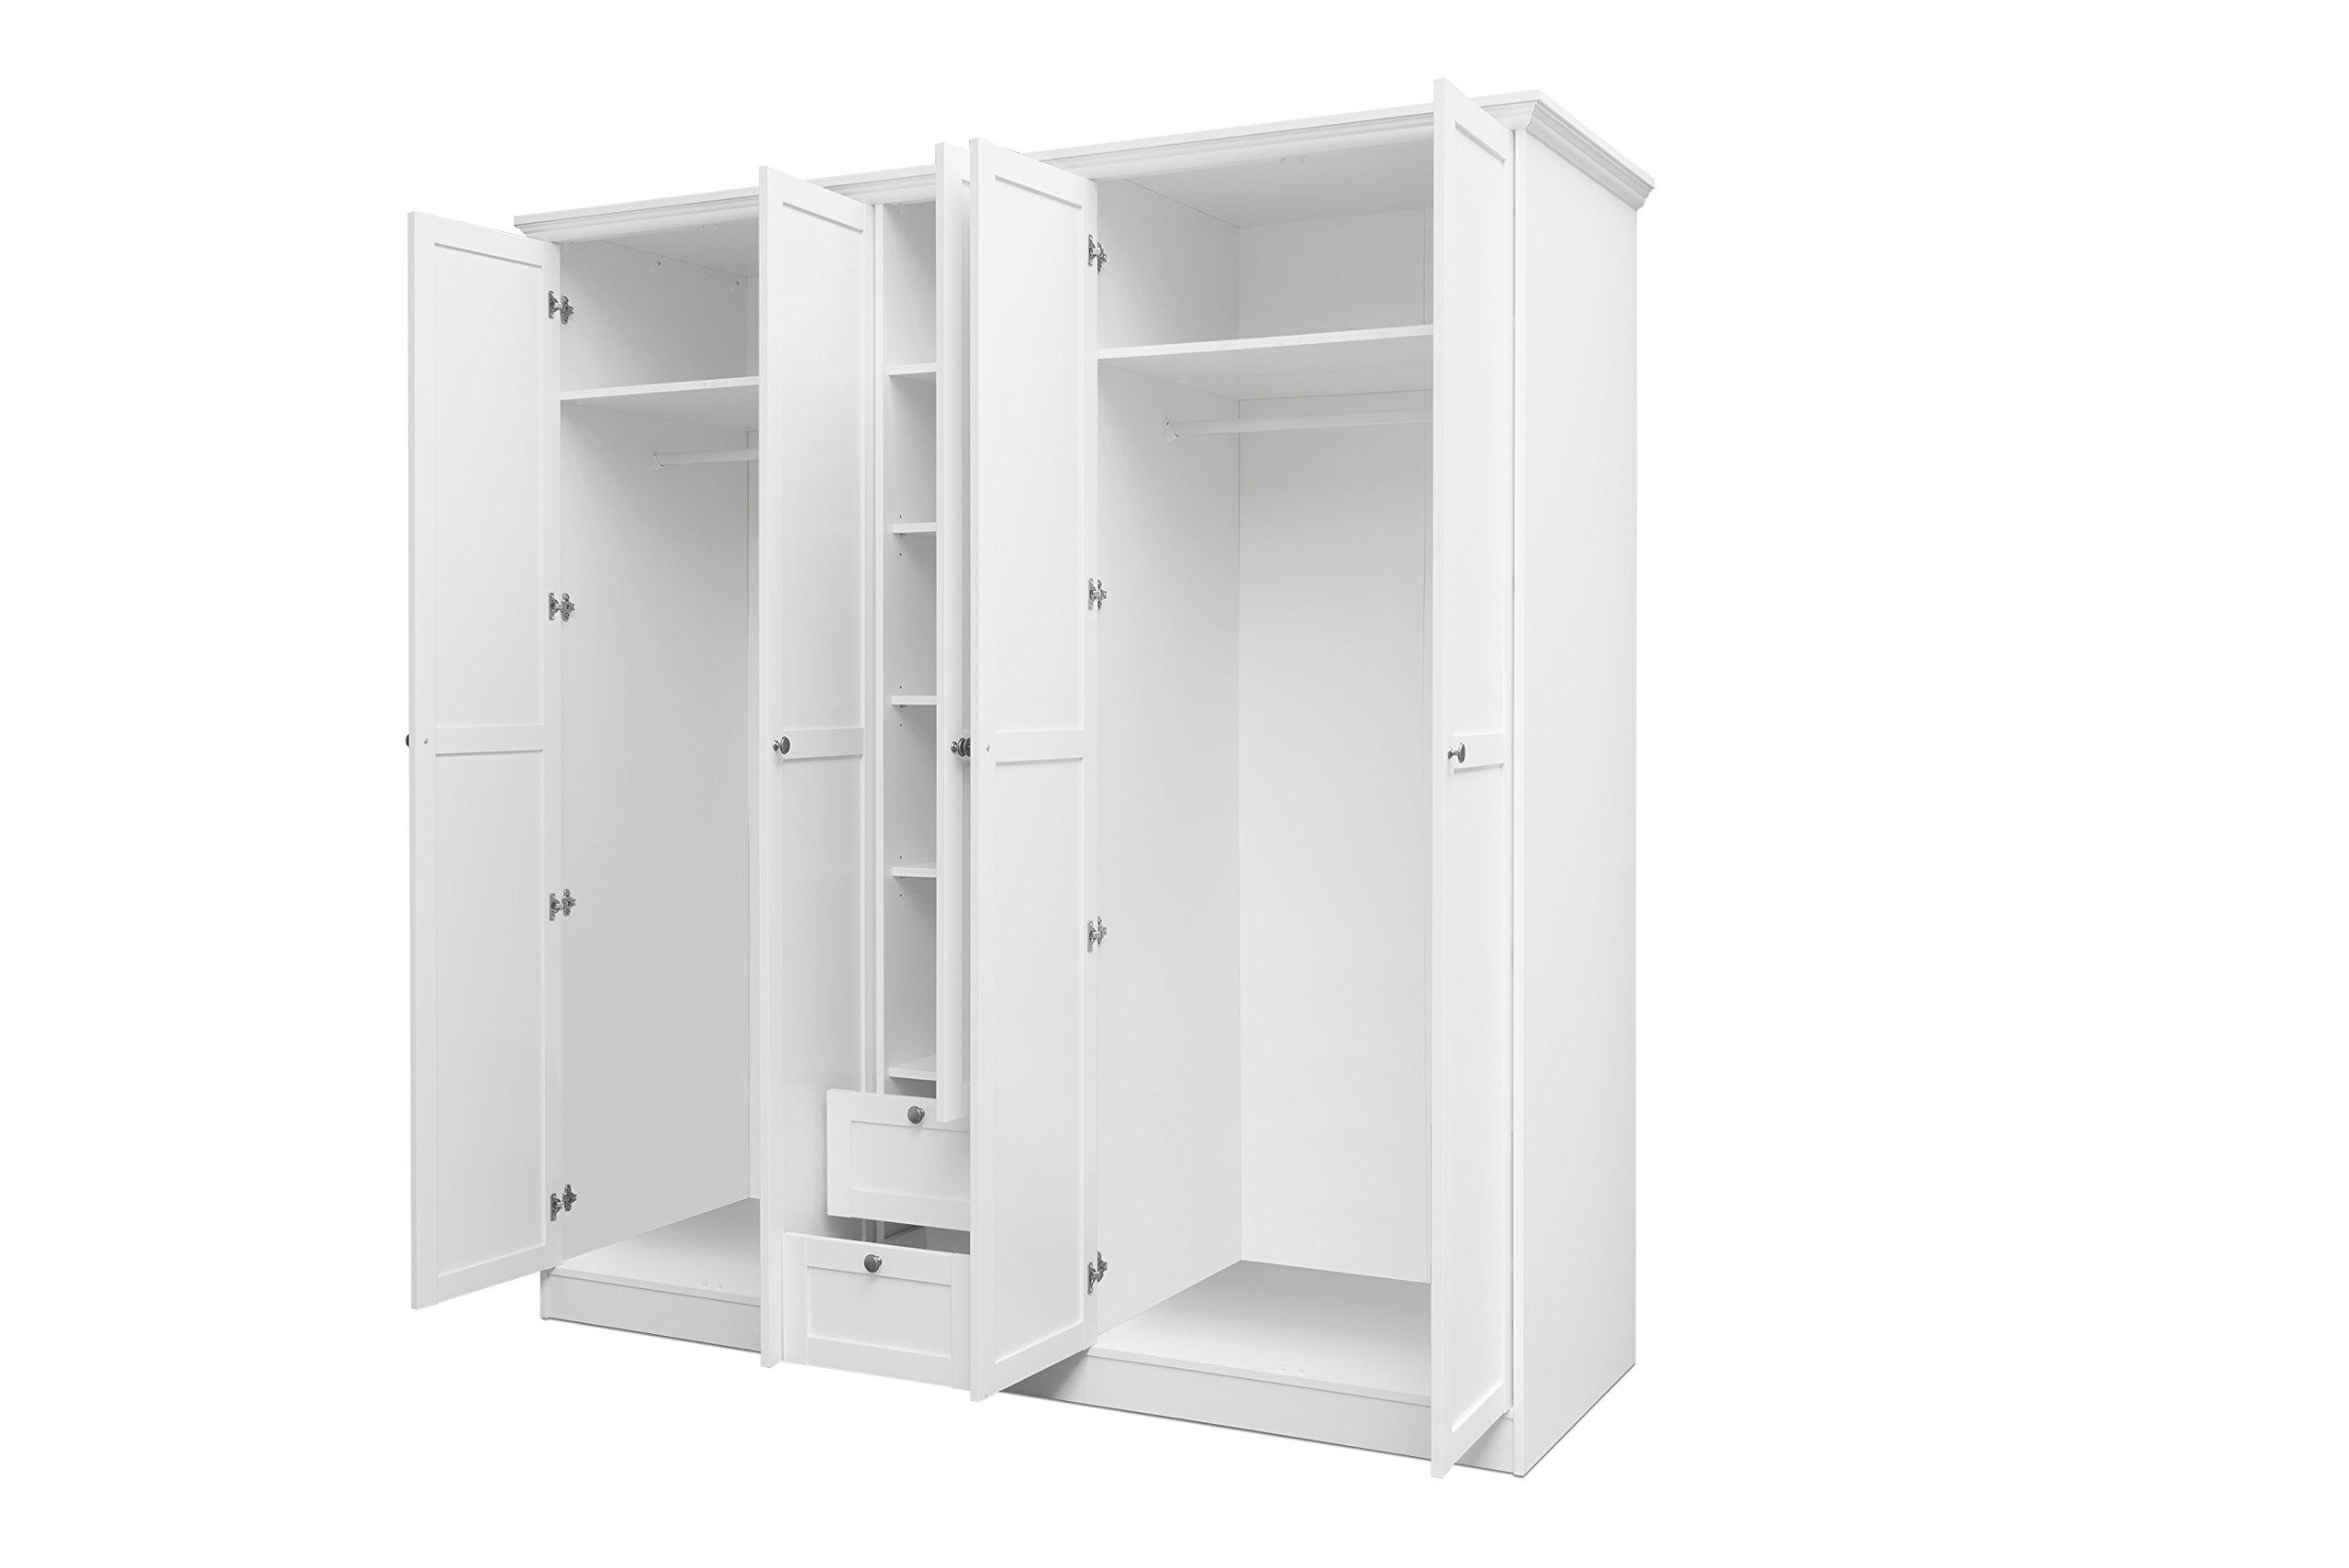 Landwood 19 Wardrobe 5 Doors Buy Online At Best Price In Ksa Souq Is Now Amazon Sa